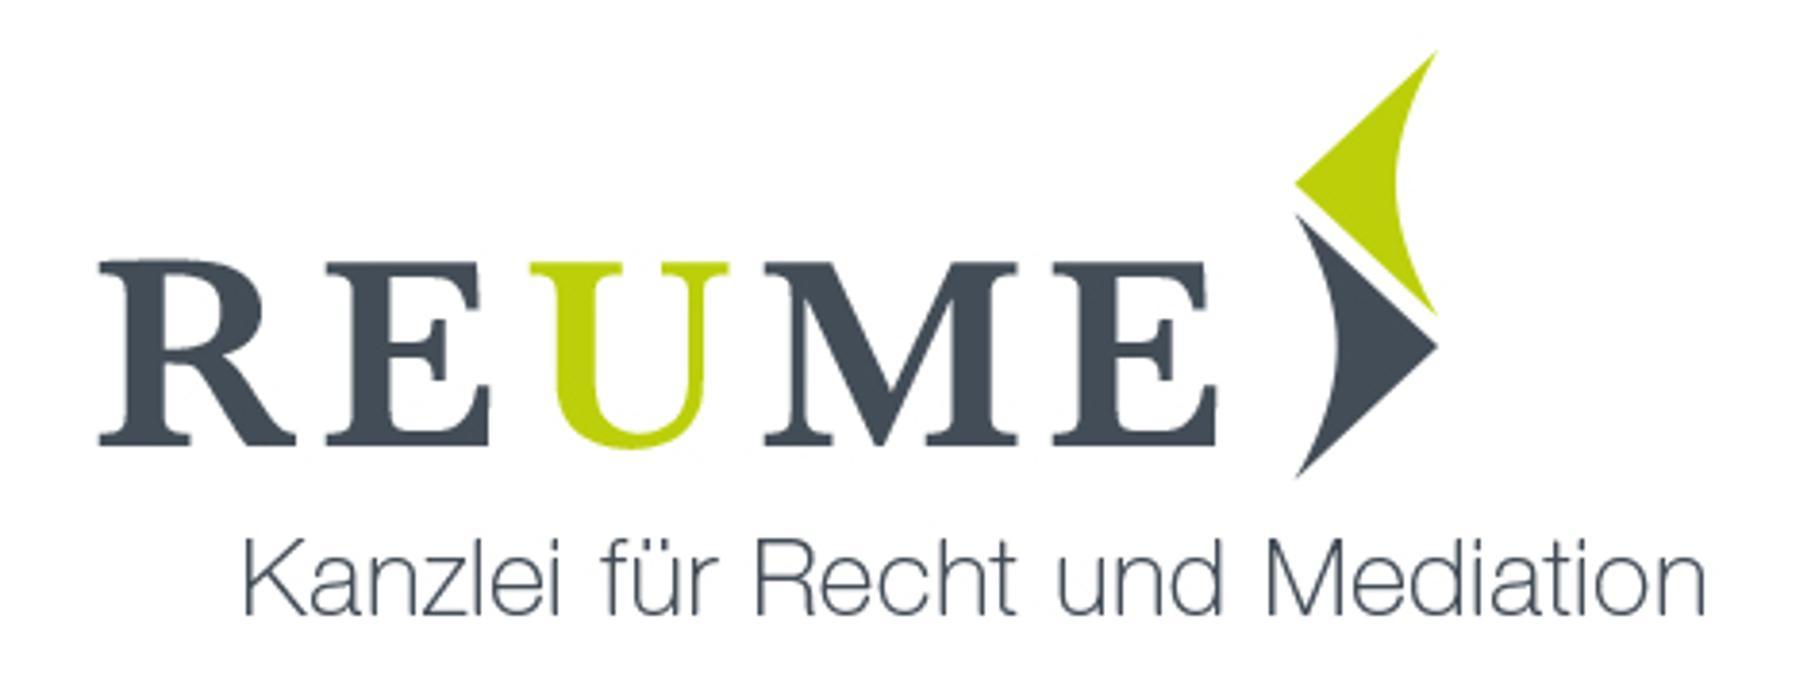 REUME - Kanzlei für Recht und Mediation